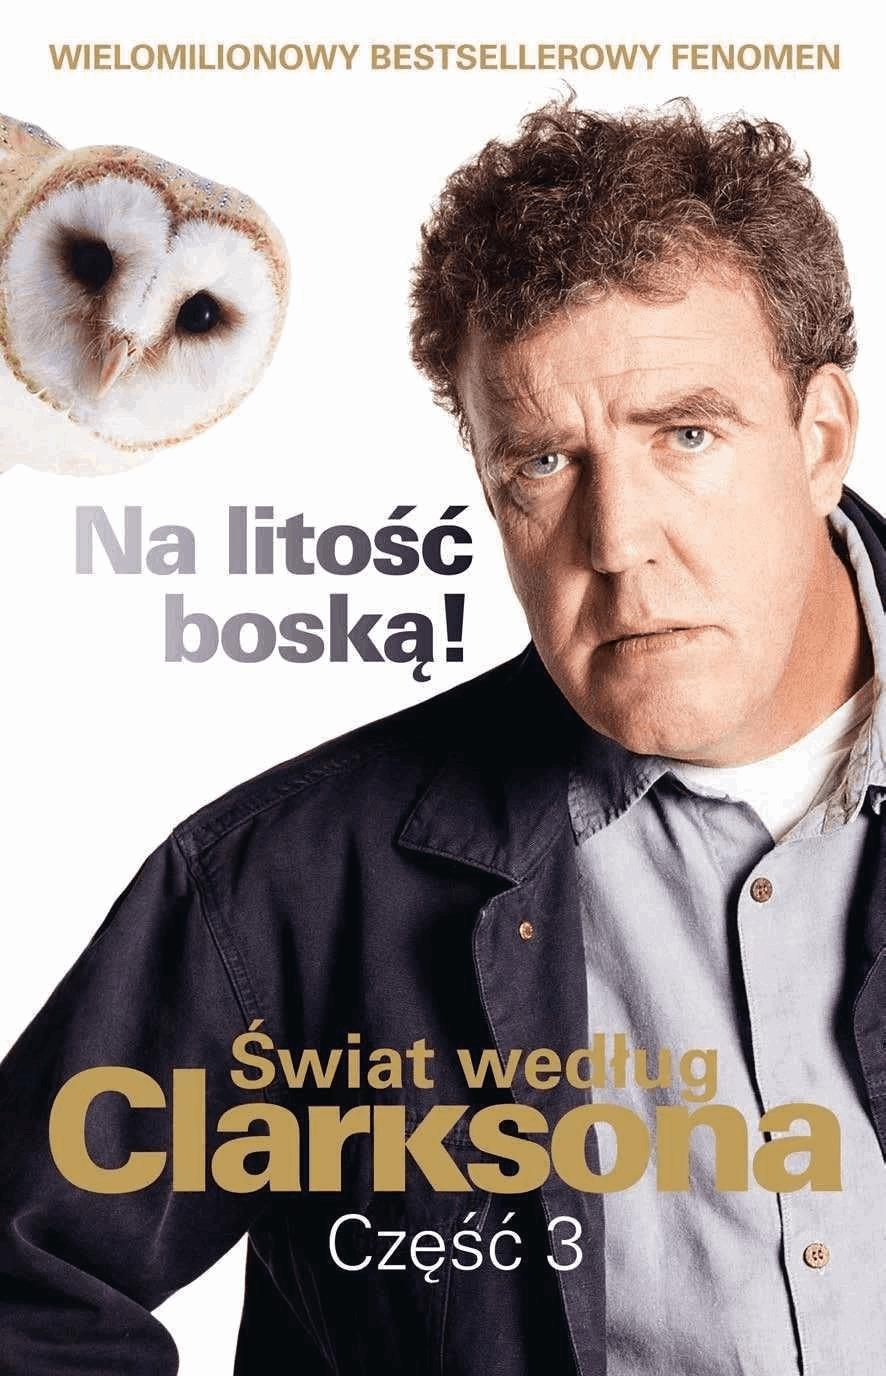 Świat według Clarksona, część 3: Na litość boską! - Tylko w Legimi możesz przeczytać ten tytuł przez 7 dni za darmo. - Jeremy Clarkson